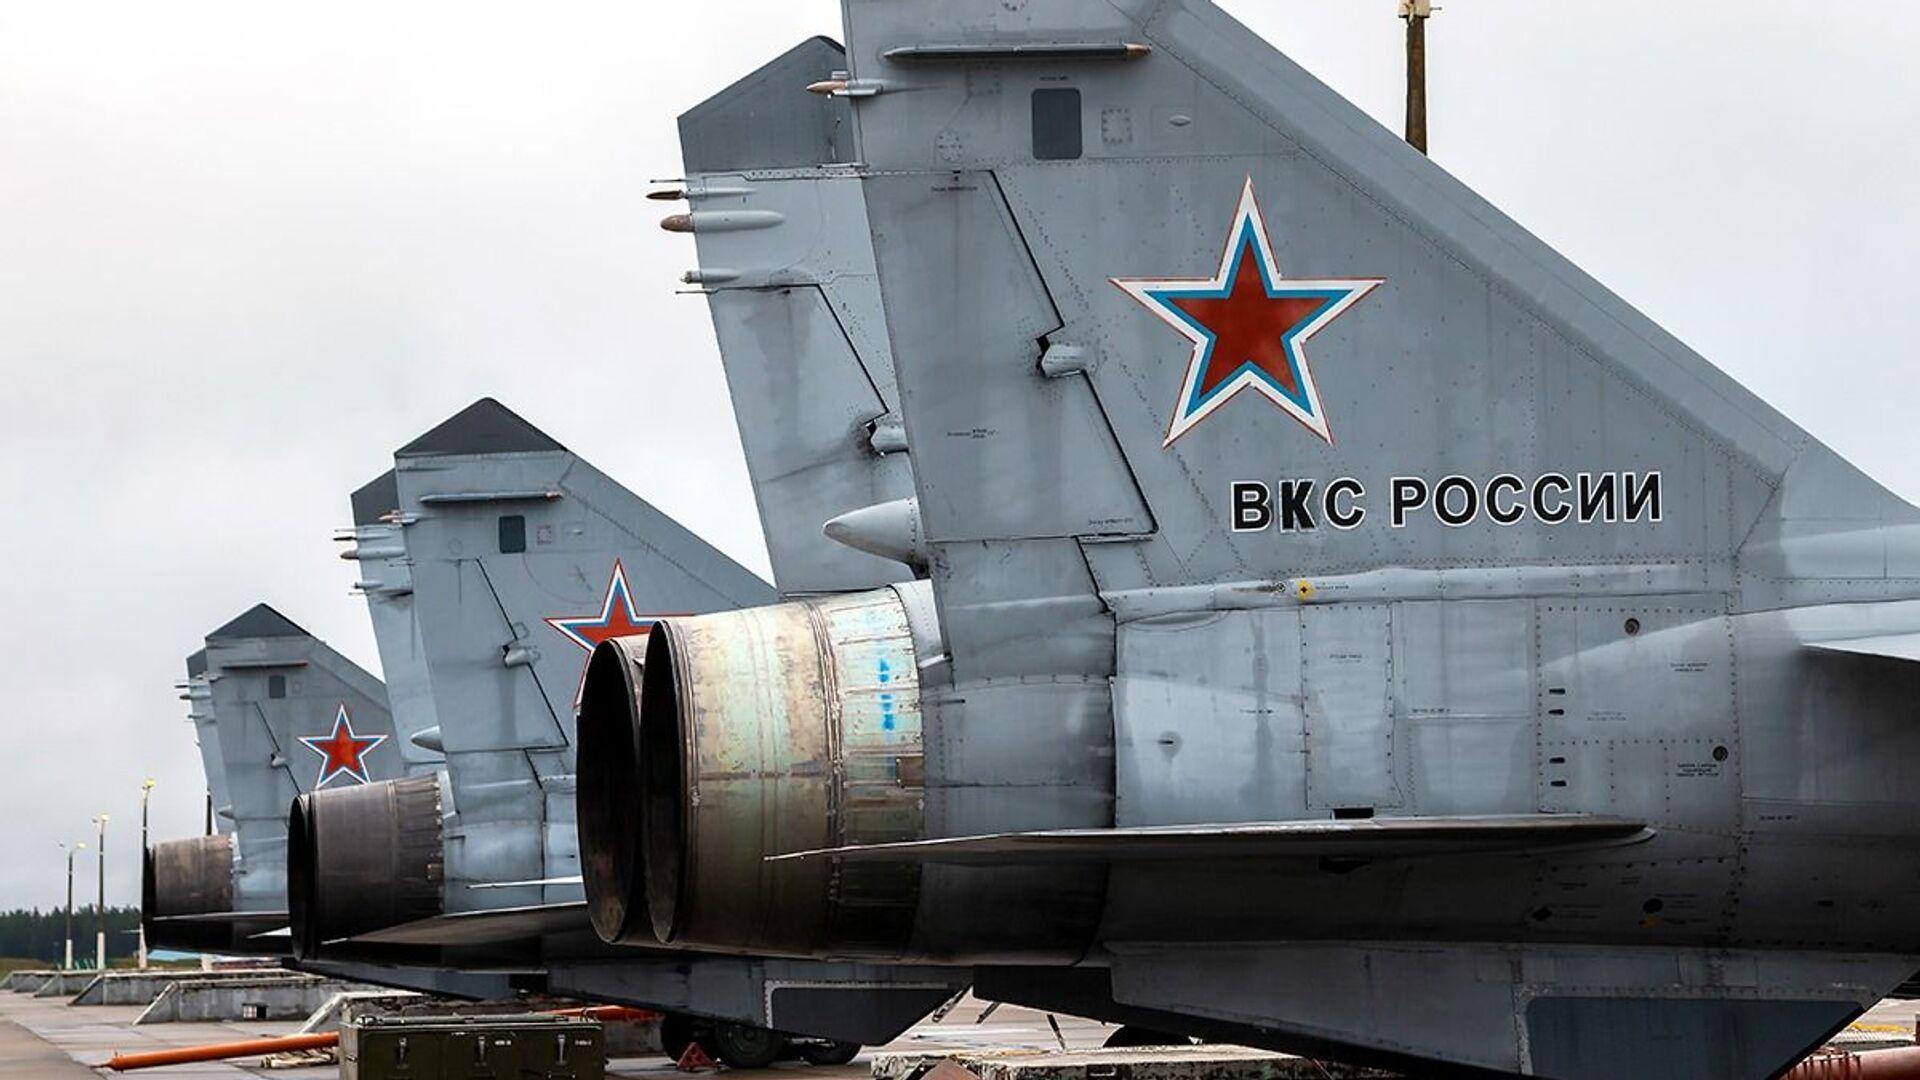 Дневные учебно-тренировочные полеты Су-35 и МиГ-31 ЗВО в Тверской области  - Sputnik Italia, 1920, 16.06.2021